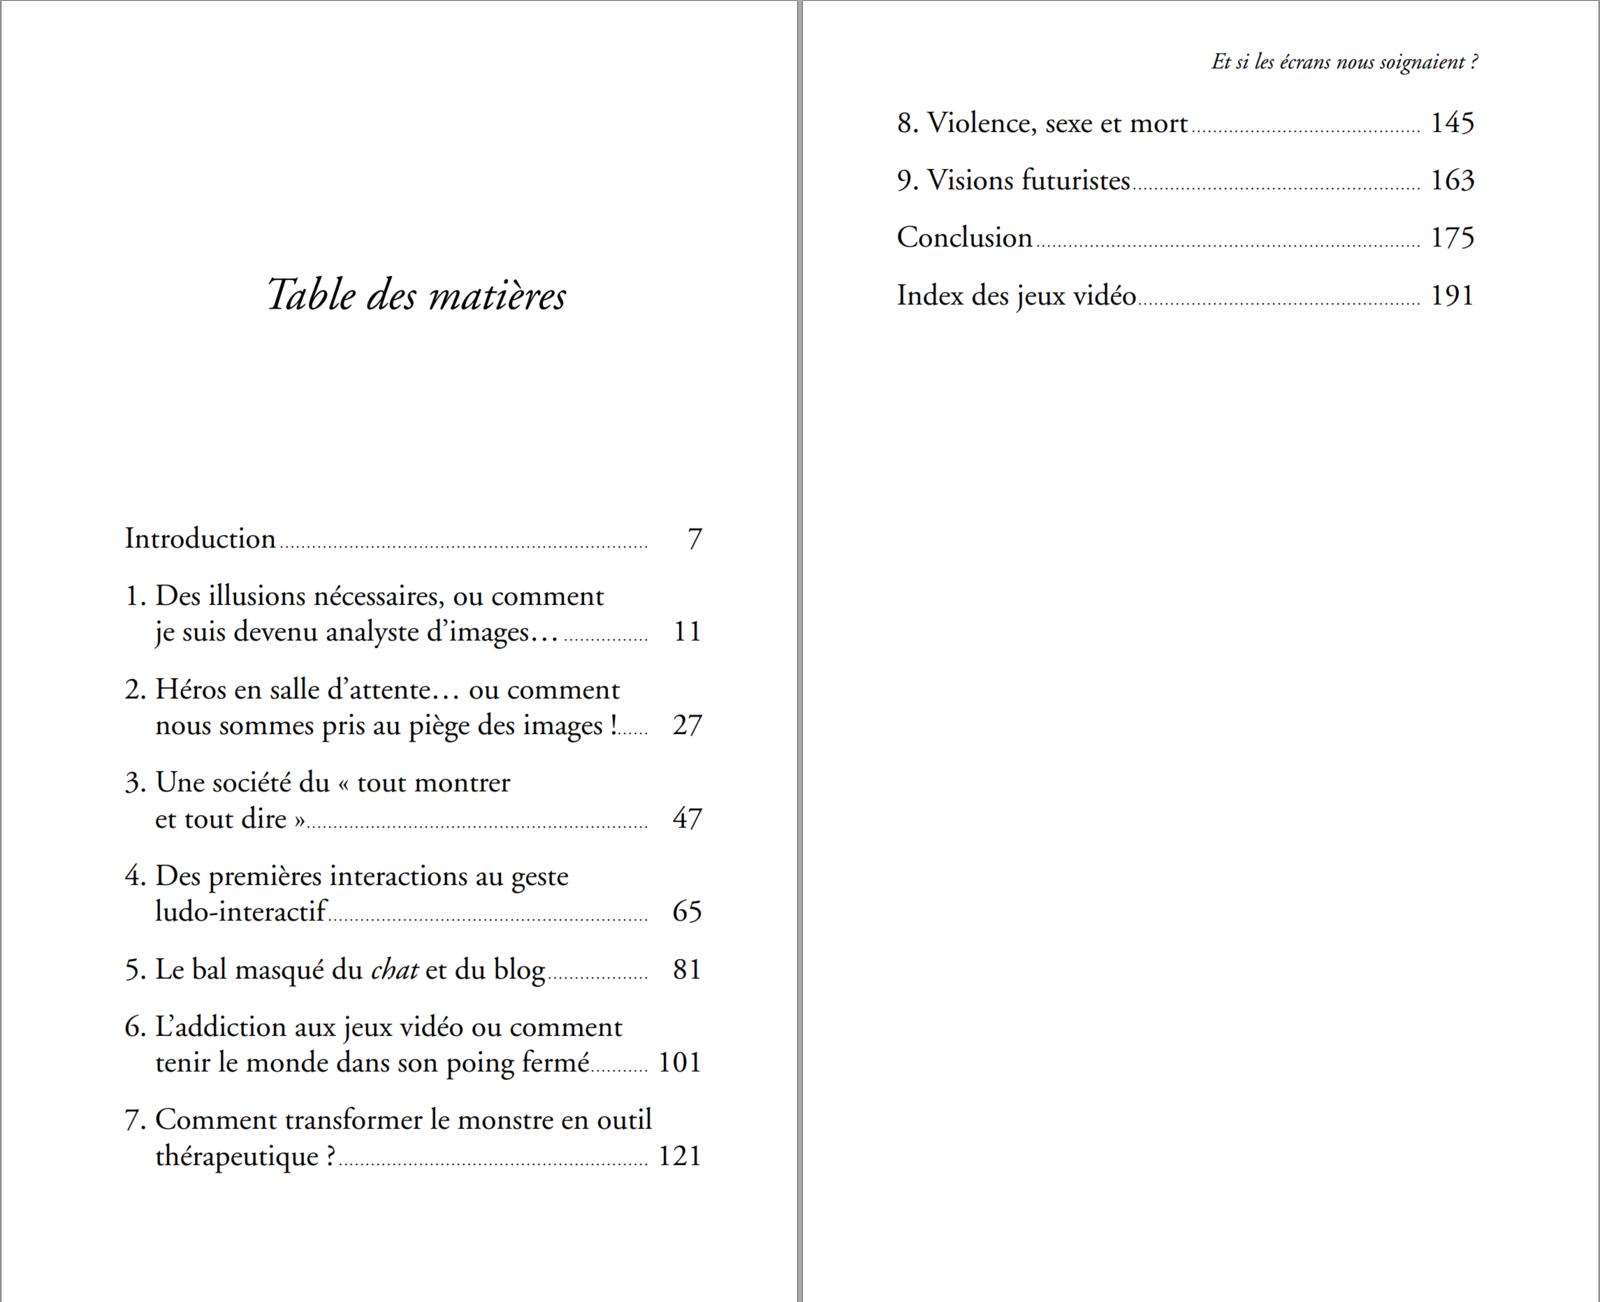 Sommaire du livre ET SI LES ECRANS NOUS SOIGNAIENT? de Michael STORA aux éditions Erès